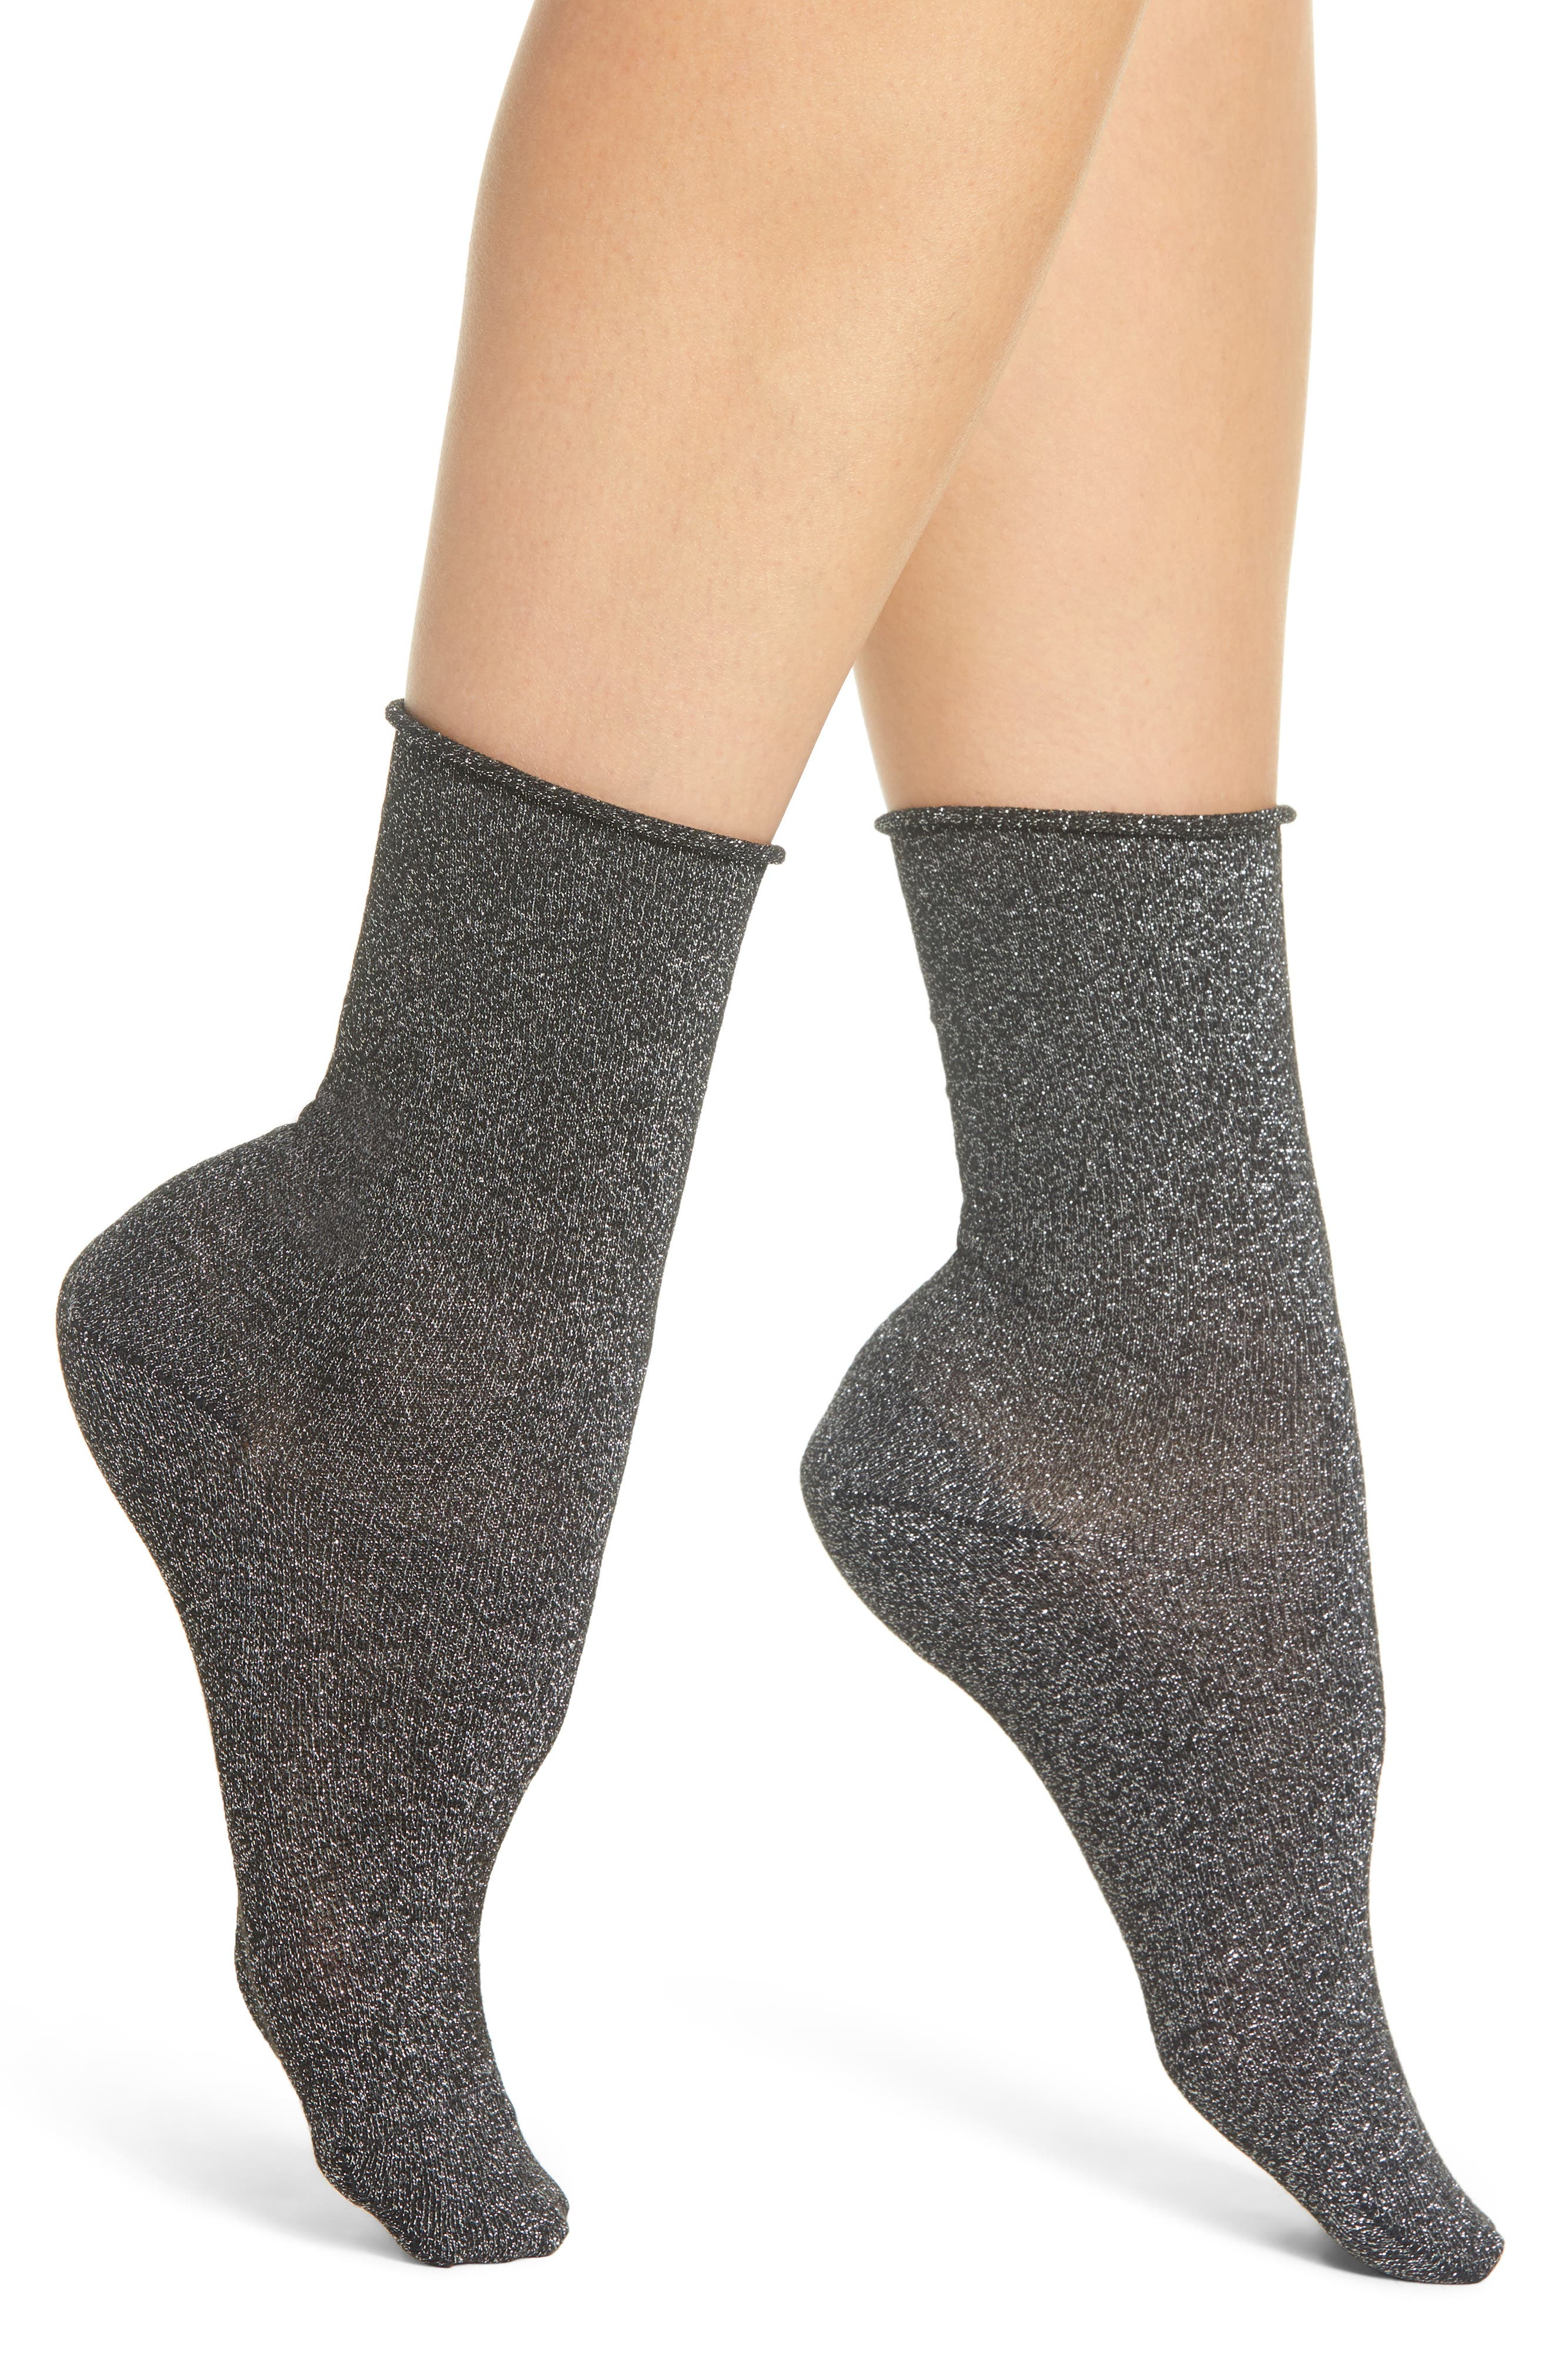 SARAH BORGHI, Carola Ankle Socks, Main thumbnail 1, color, NERO